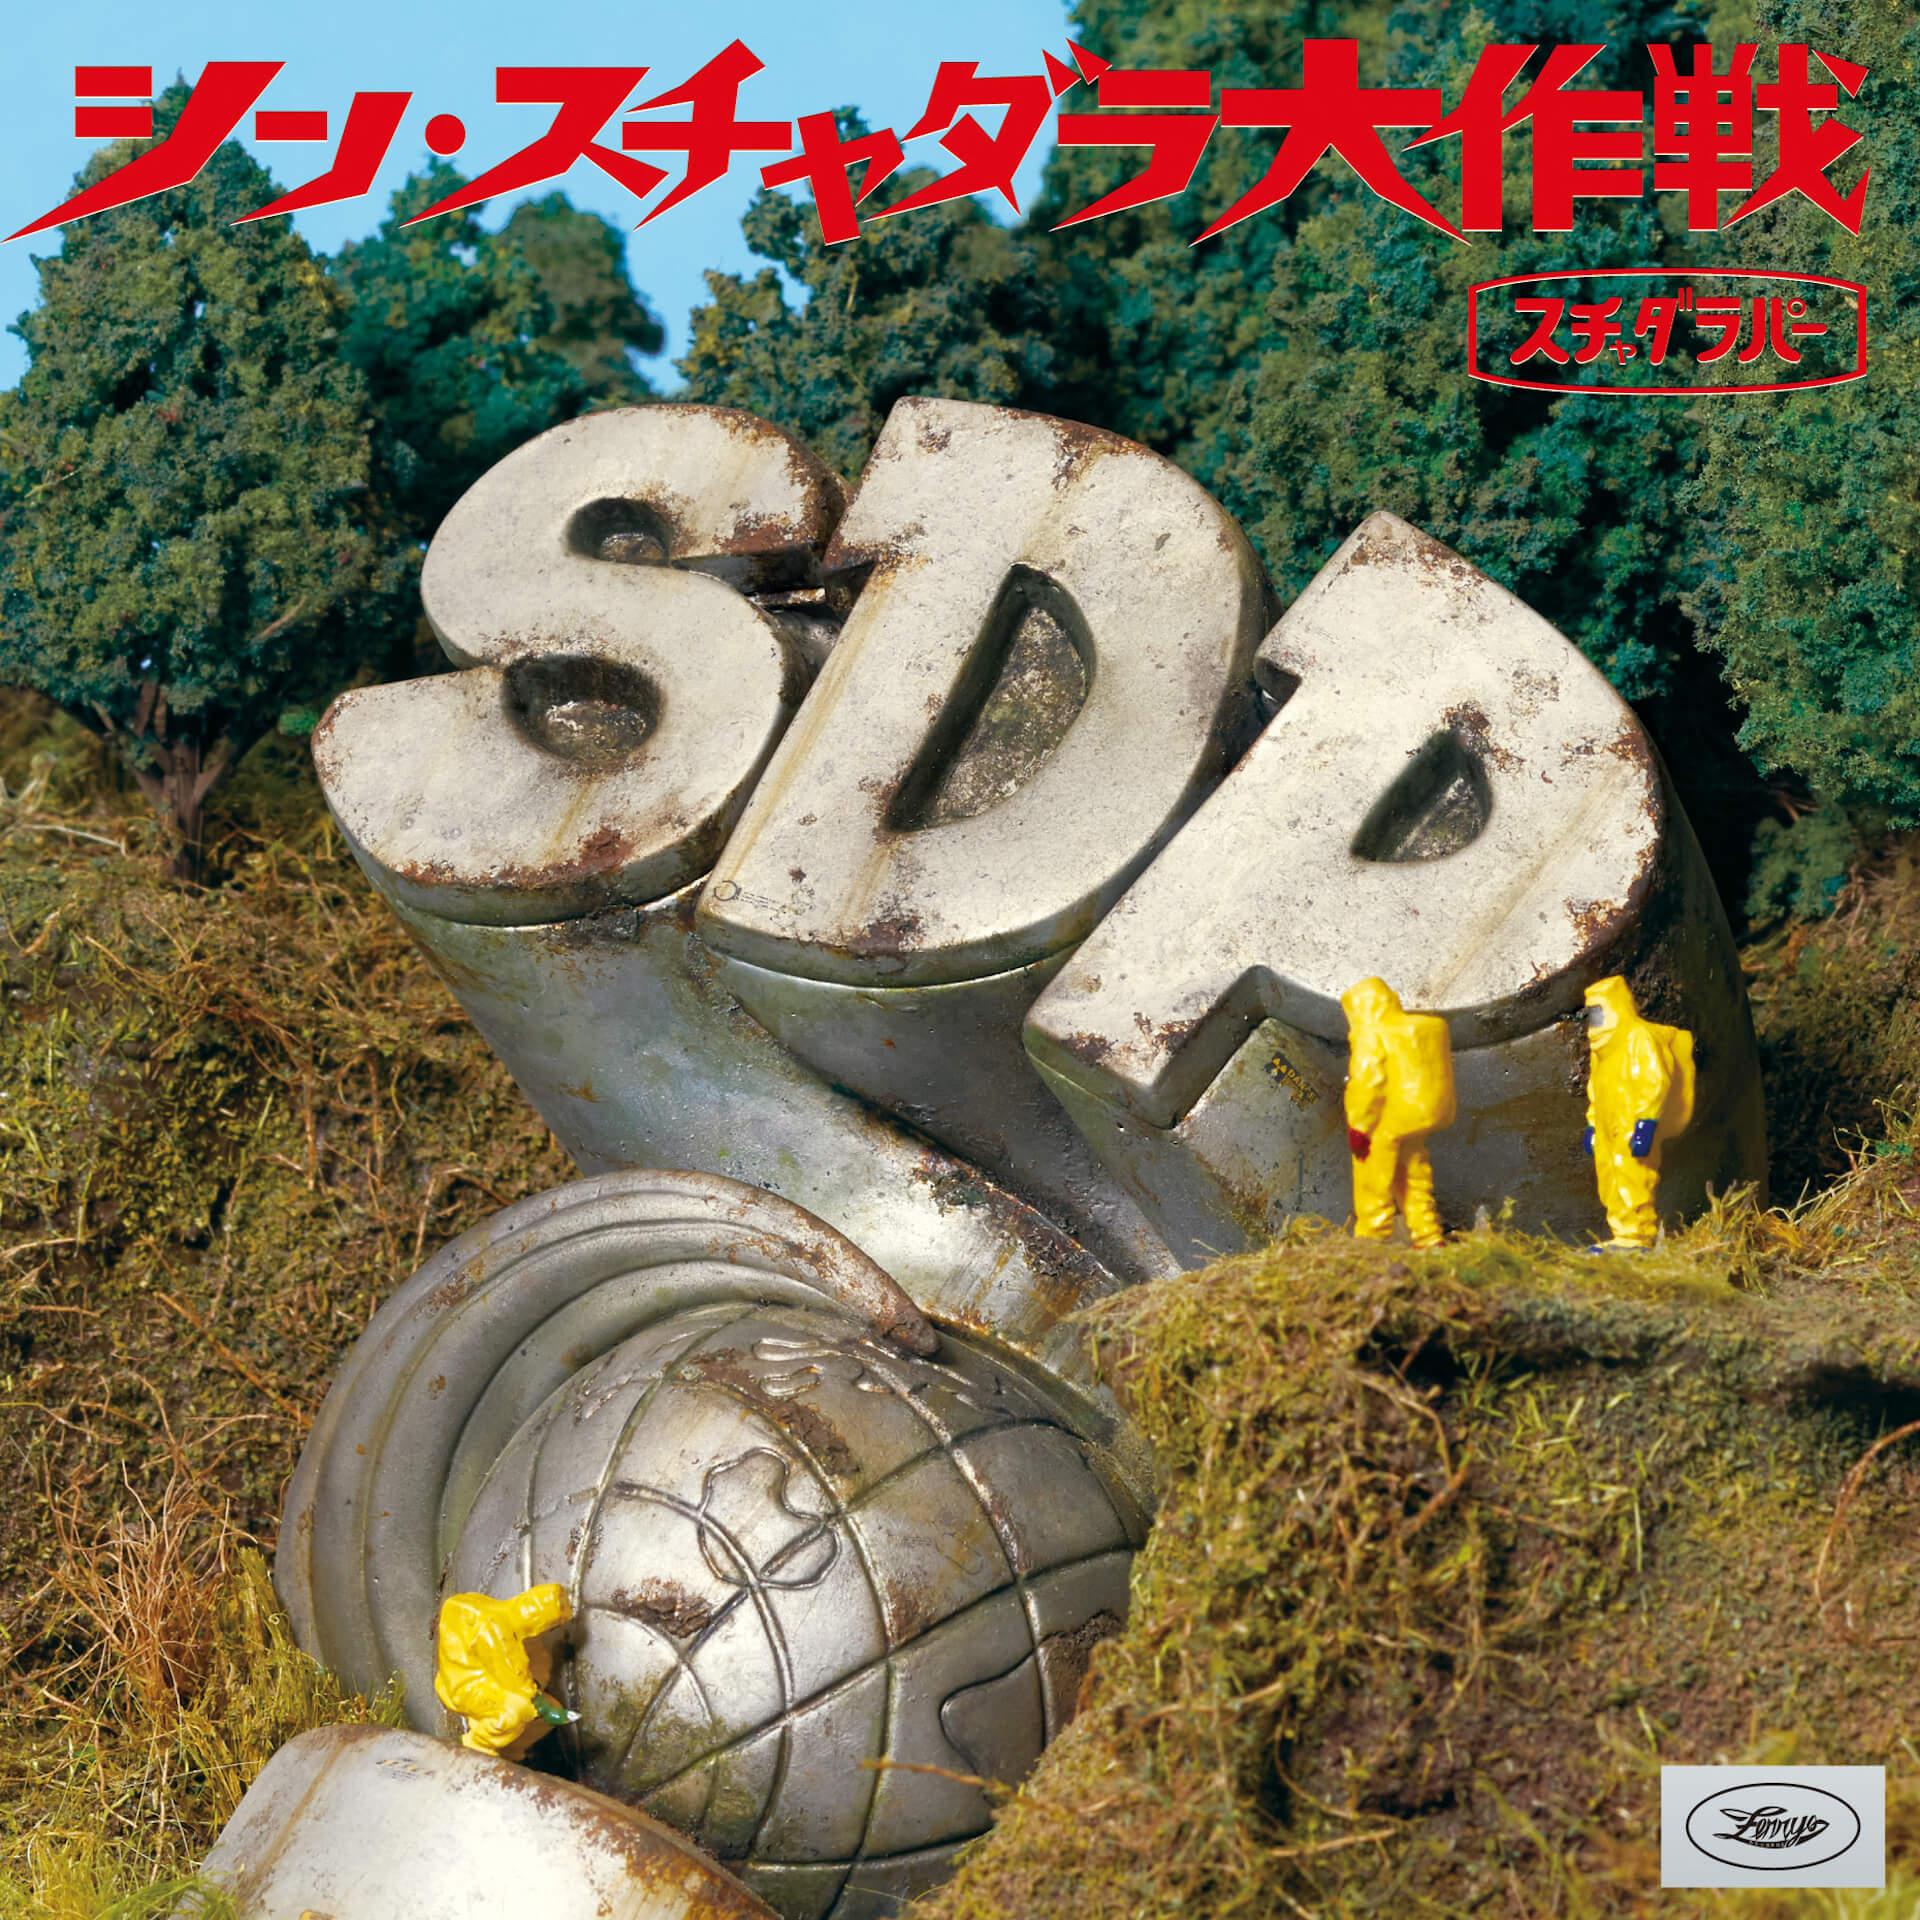 スチャダラパー、デビュー30周年の節目のフルアルバム『シン・スチャダラ大作戦』リリース決定!これまでの楽曲のアレンジ曲を収録した3種の特典CD付き music200228_sdp_4